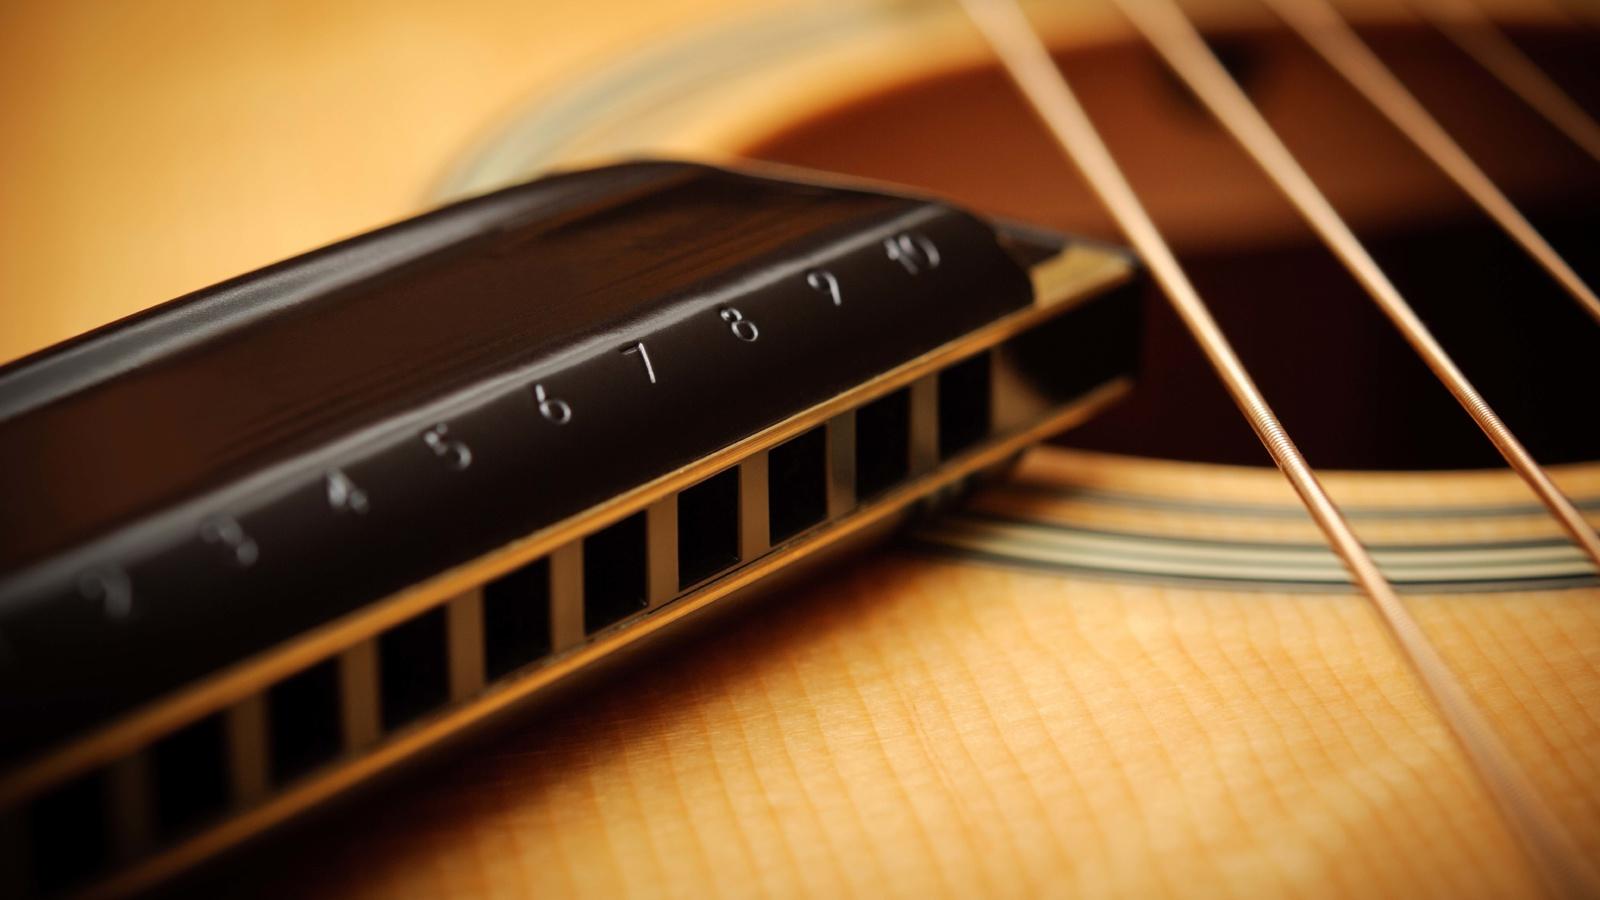 акустика, Гитара, губная гармошка, струны, макро.